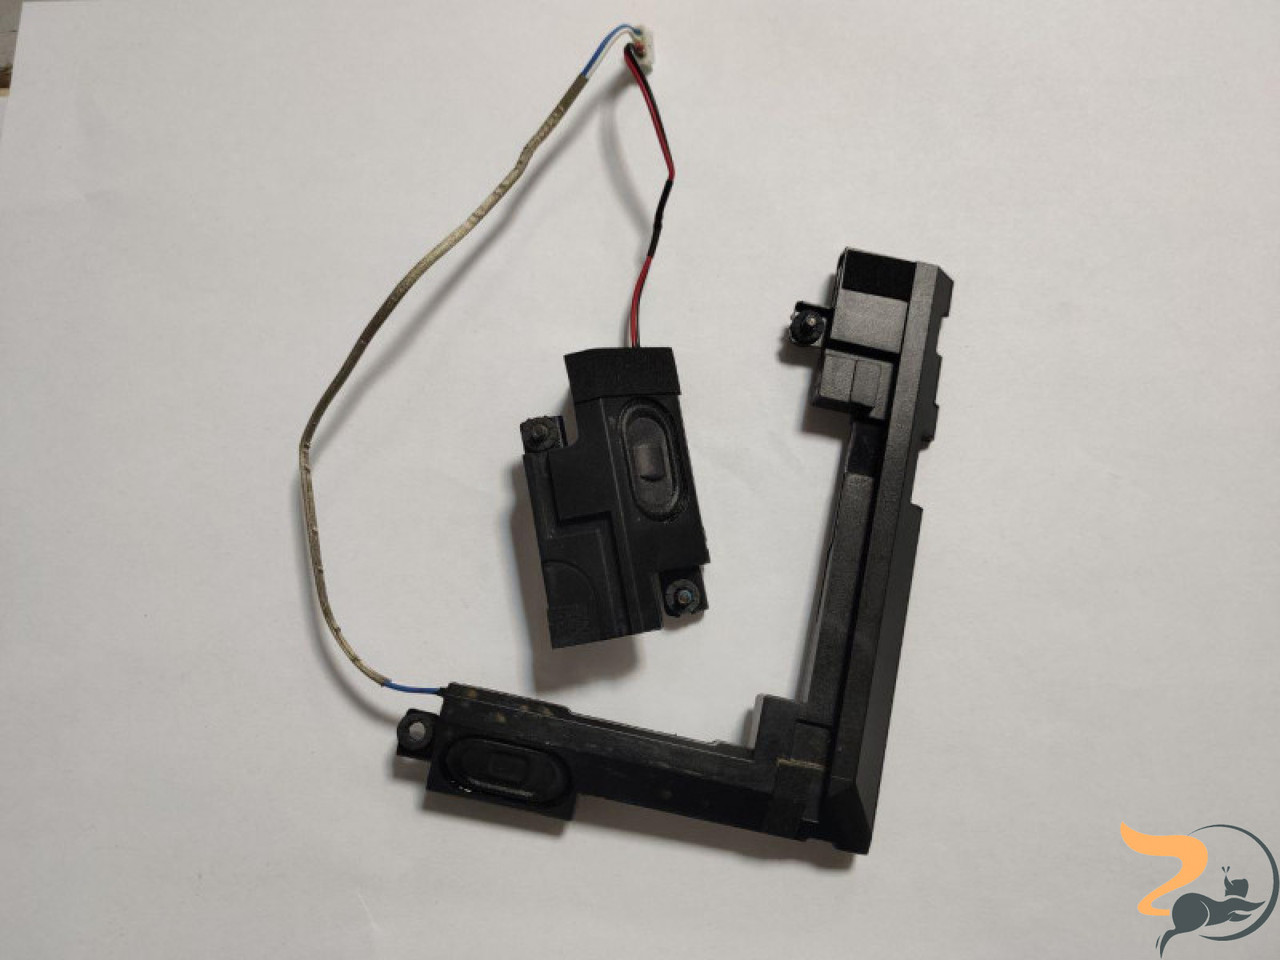 Динаміки для ноутбука, Lenovo ThinkPad L540, 23.40AA9.002, б/в. В хорошому стані без пошкоджень.